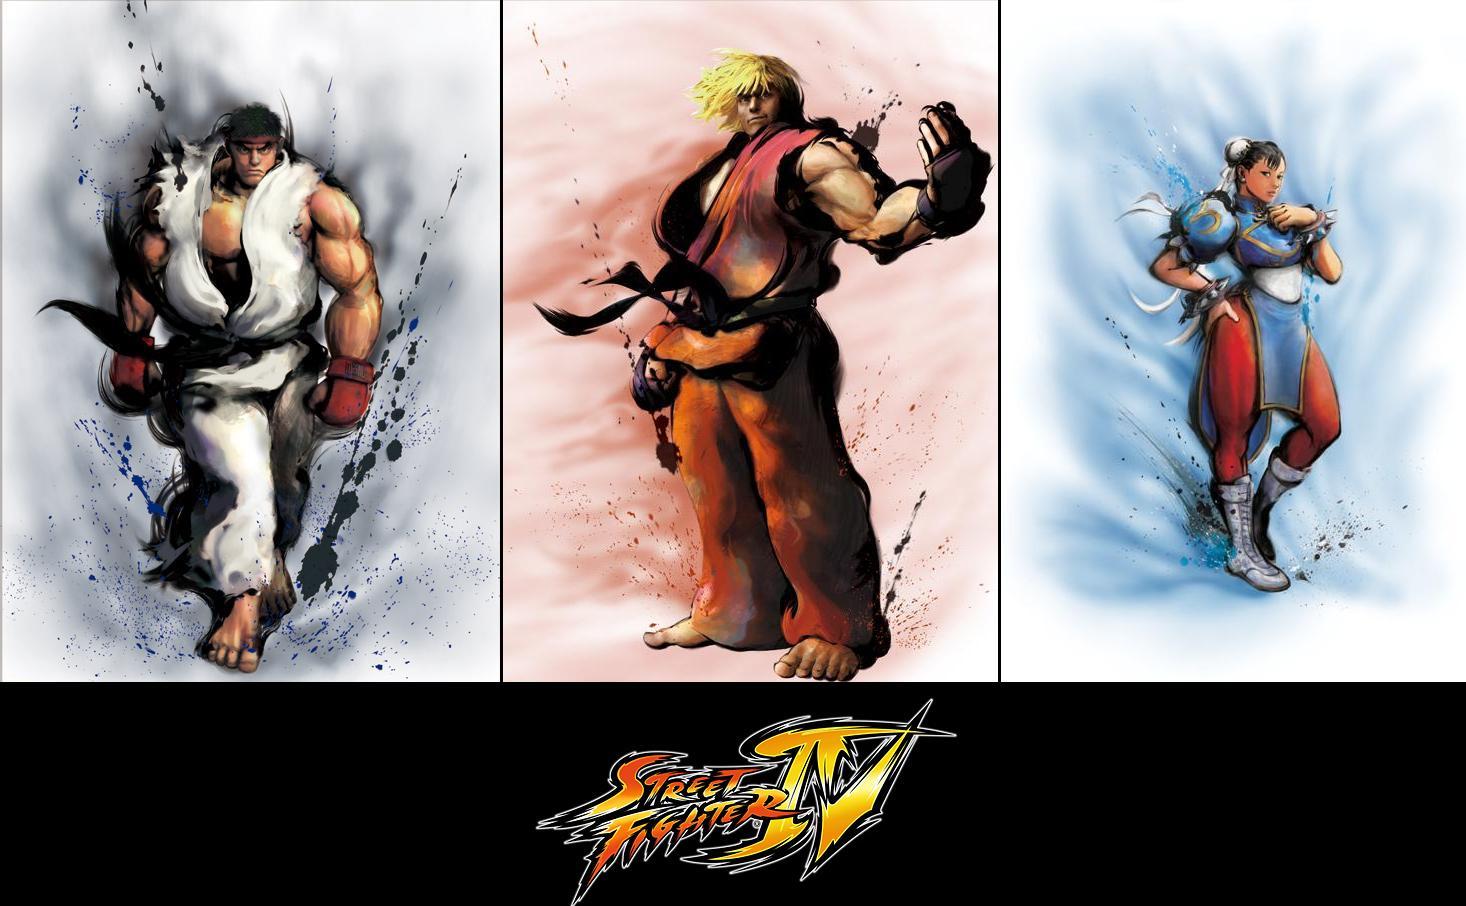 http://1.bp.blogspot.com/-QjKFfKAXgyc/TZr64kZF3JI/AAAAAAAAANE/N6bAS00gbyg/s1600/My_Street_Fighter_4_wallpaper.jpg